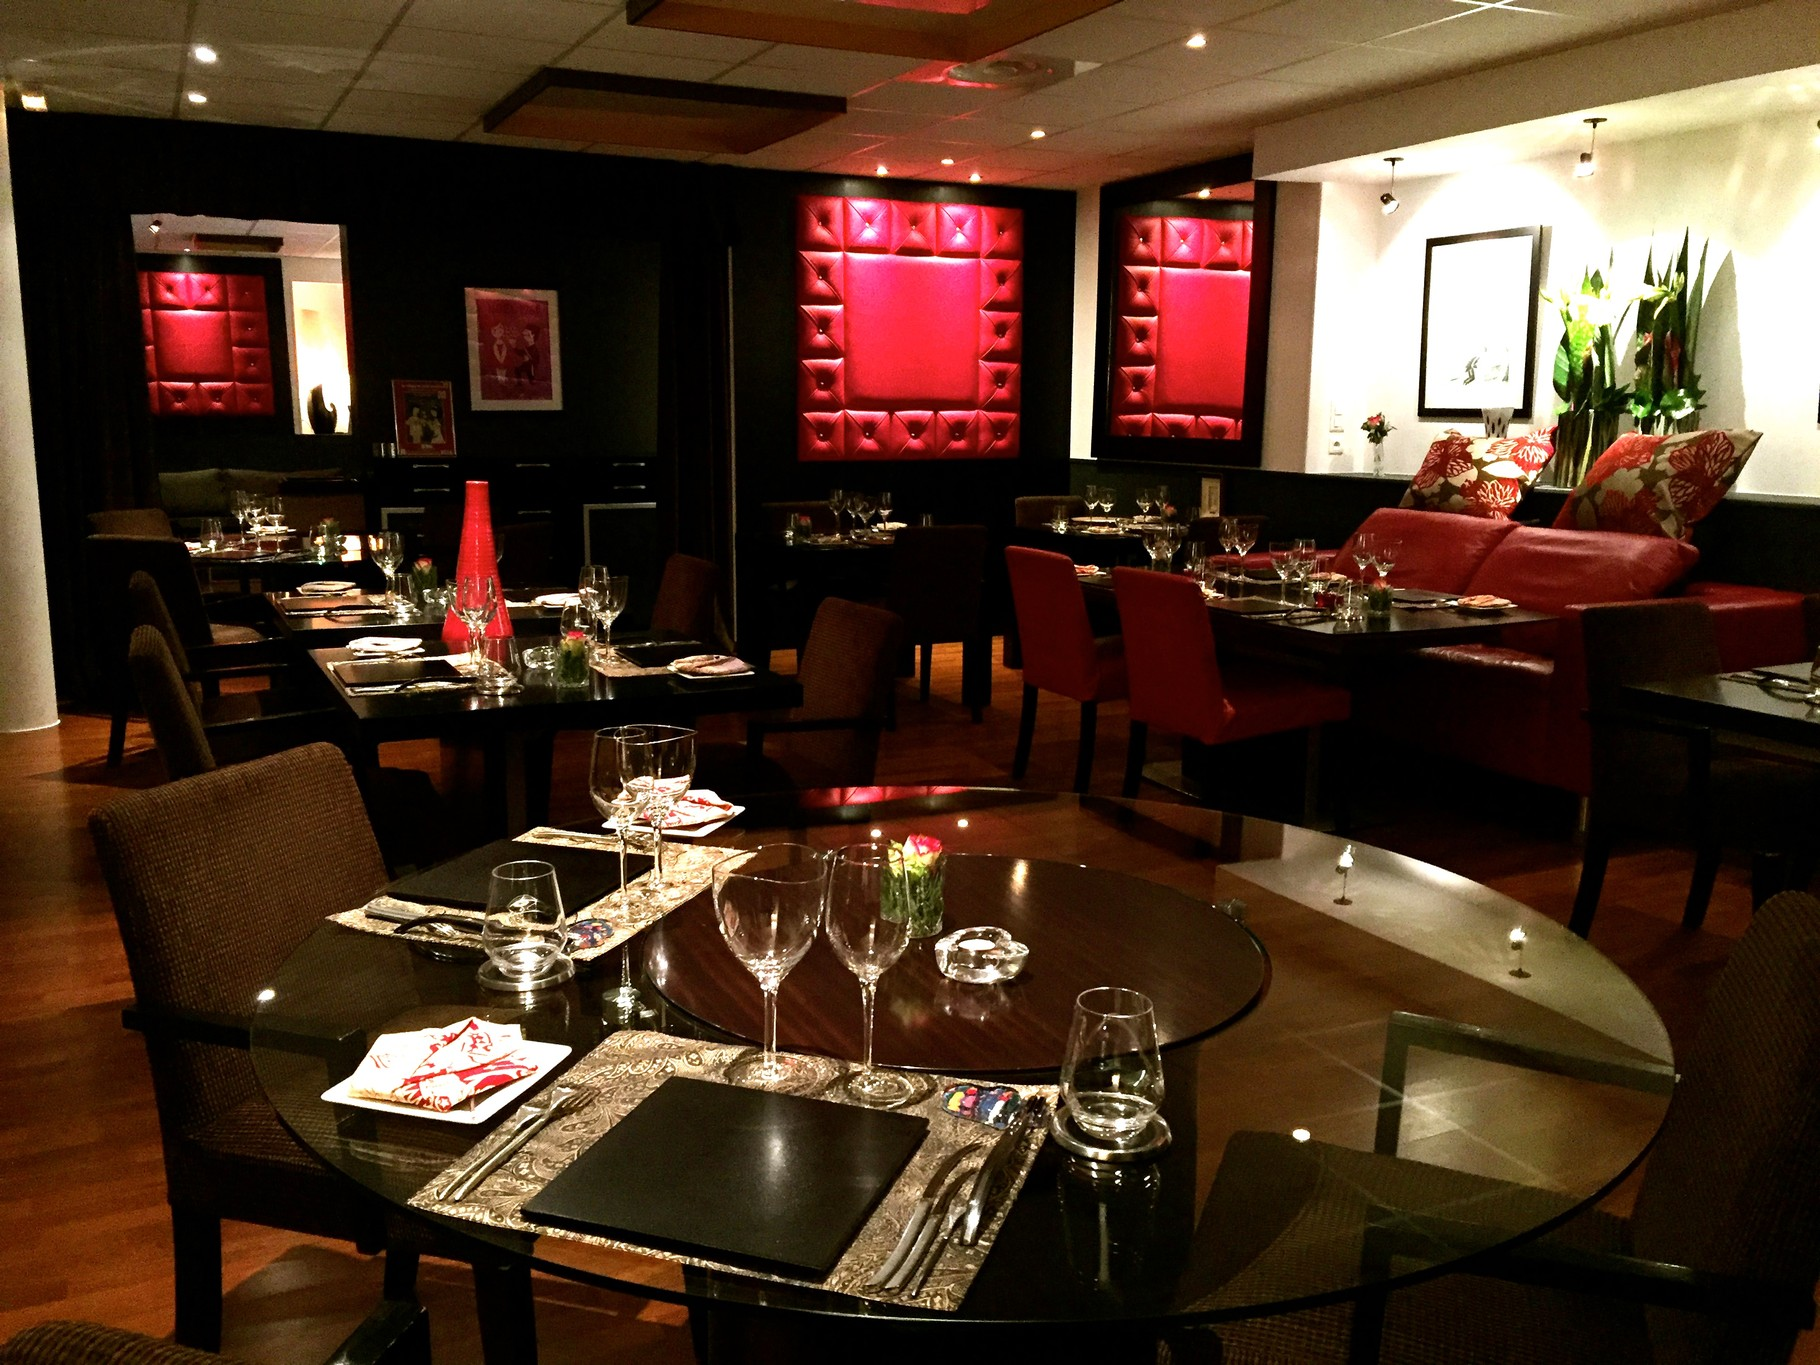 Restaurant 14 février à Saint Valentin dans l'Indre